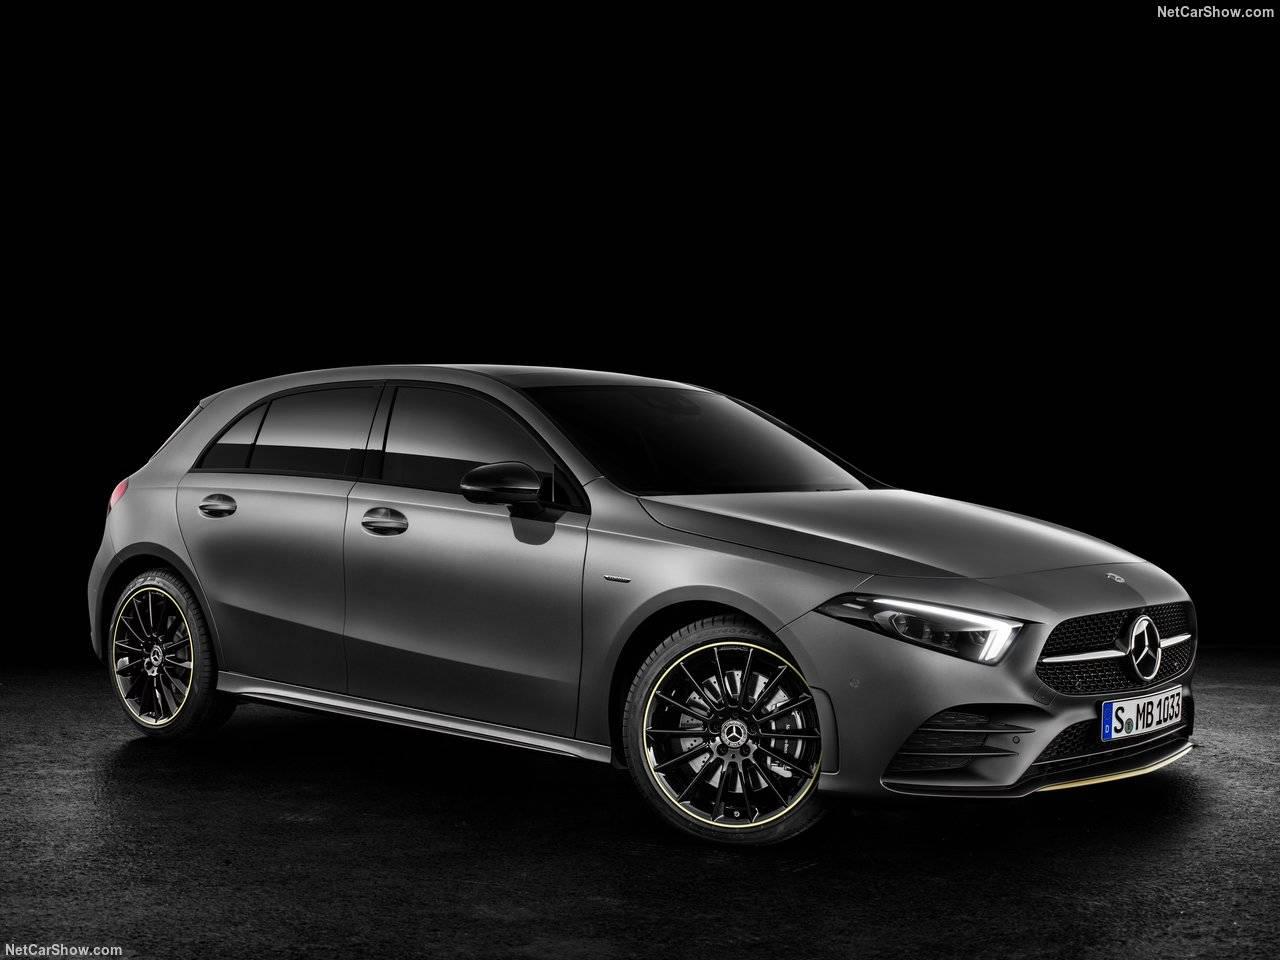 新型Mercedes-Benz A-Class(メルセデスベンツAクラス)  の全貌紹介がスタート!デザイン・スペック等を解説!日本の発売時期は?